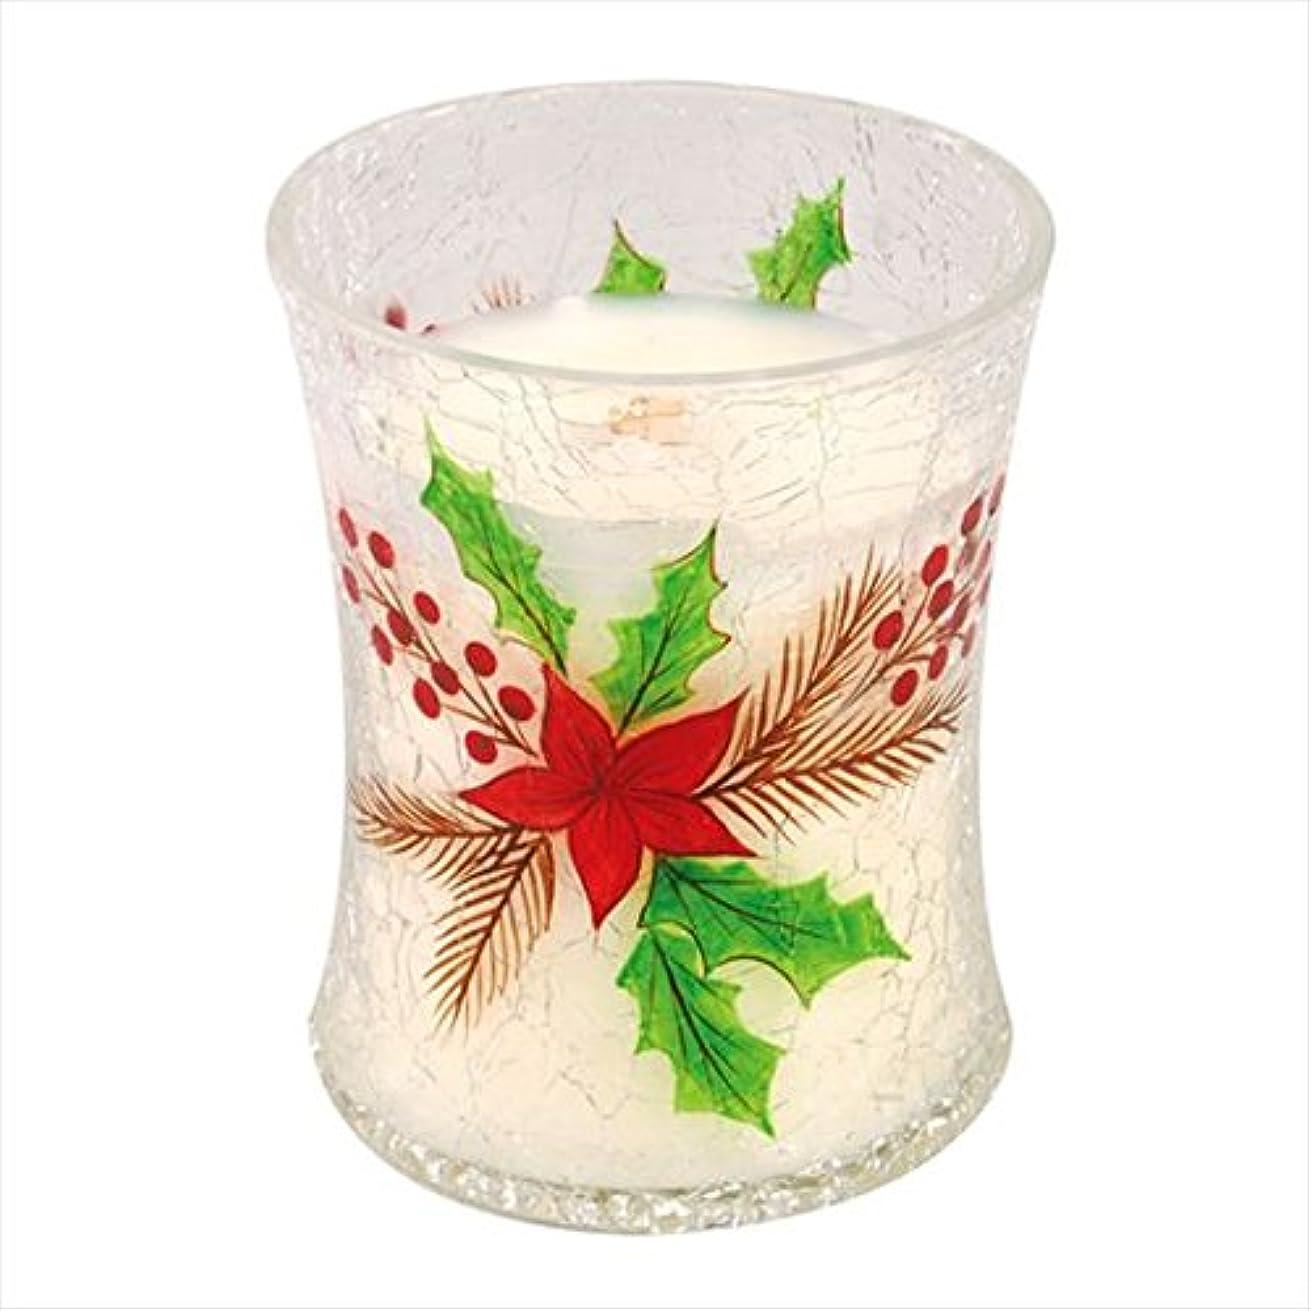 木材生ぼかしウッドウィック(WoodWick) Wood WickディーカルクラックジャーM 「 クリスマスケーキ 」